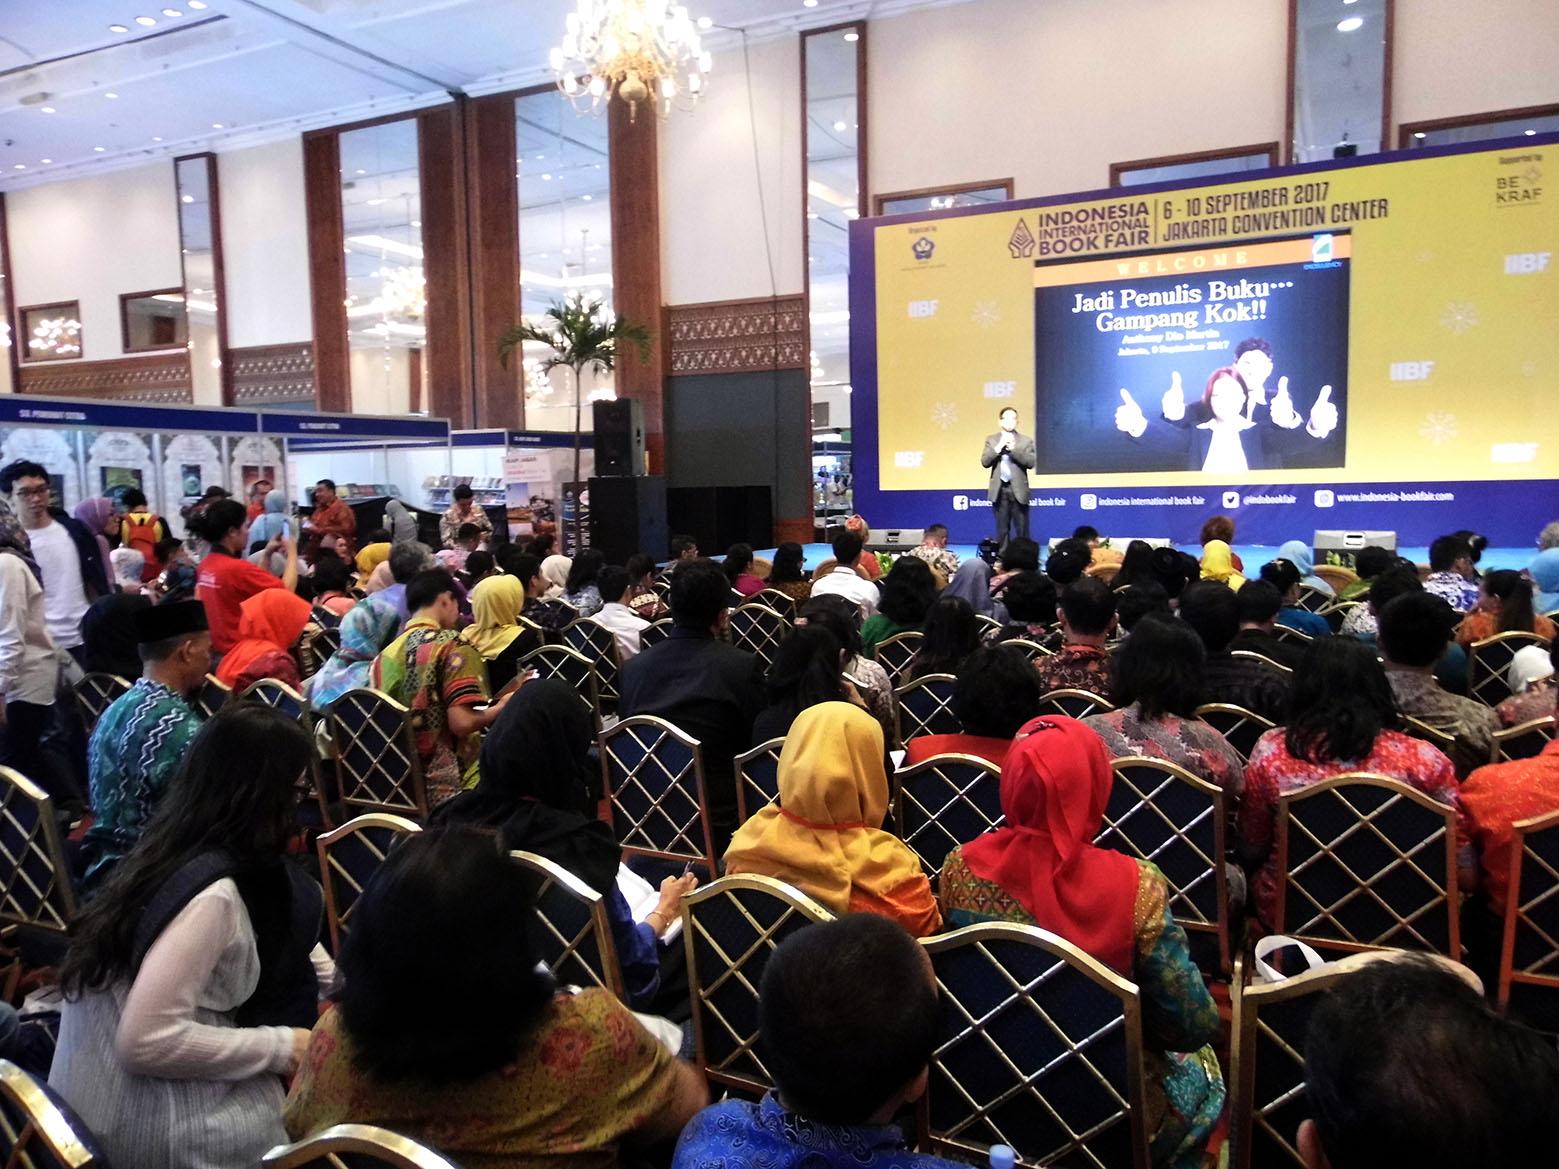 """SEMINAR """"MENULIS BUKU ITU GAMPANG"""" FESTIVAL KITA INDONESIA, ASPIRASI (ASOSIASI PENULIS DAN INSPIRATOR INDONESIA) & INDONESIA INTERNATIONAL BOOK FAIR (IIBF) 2017, 9 SEPTEMBER 2017"""